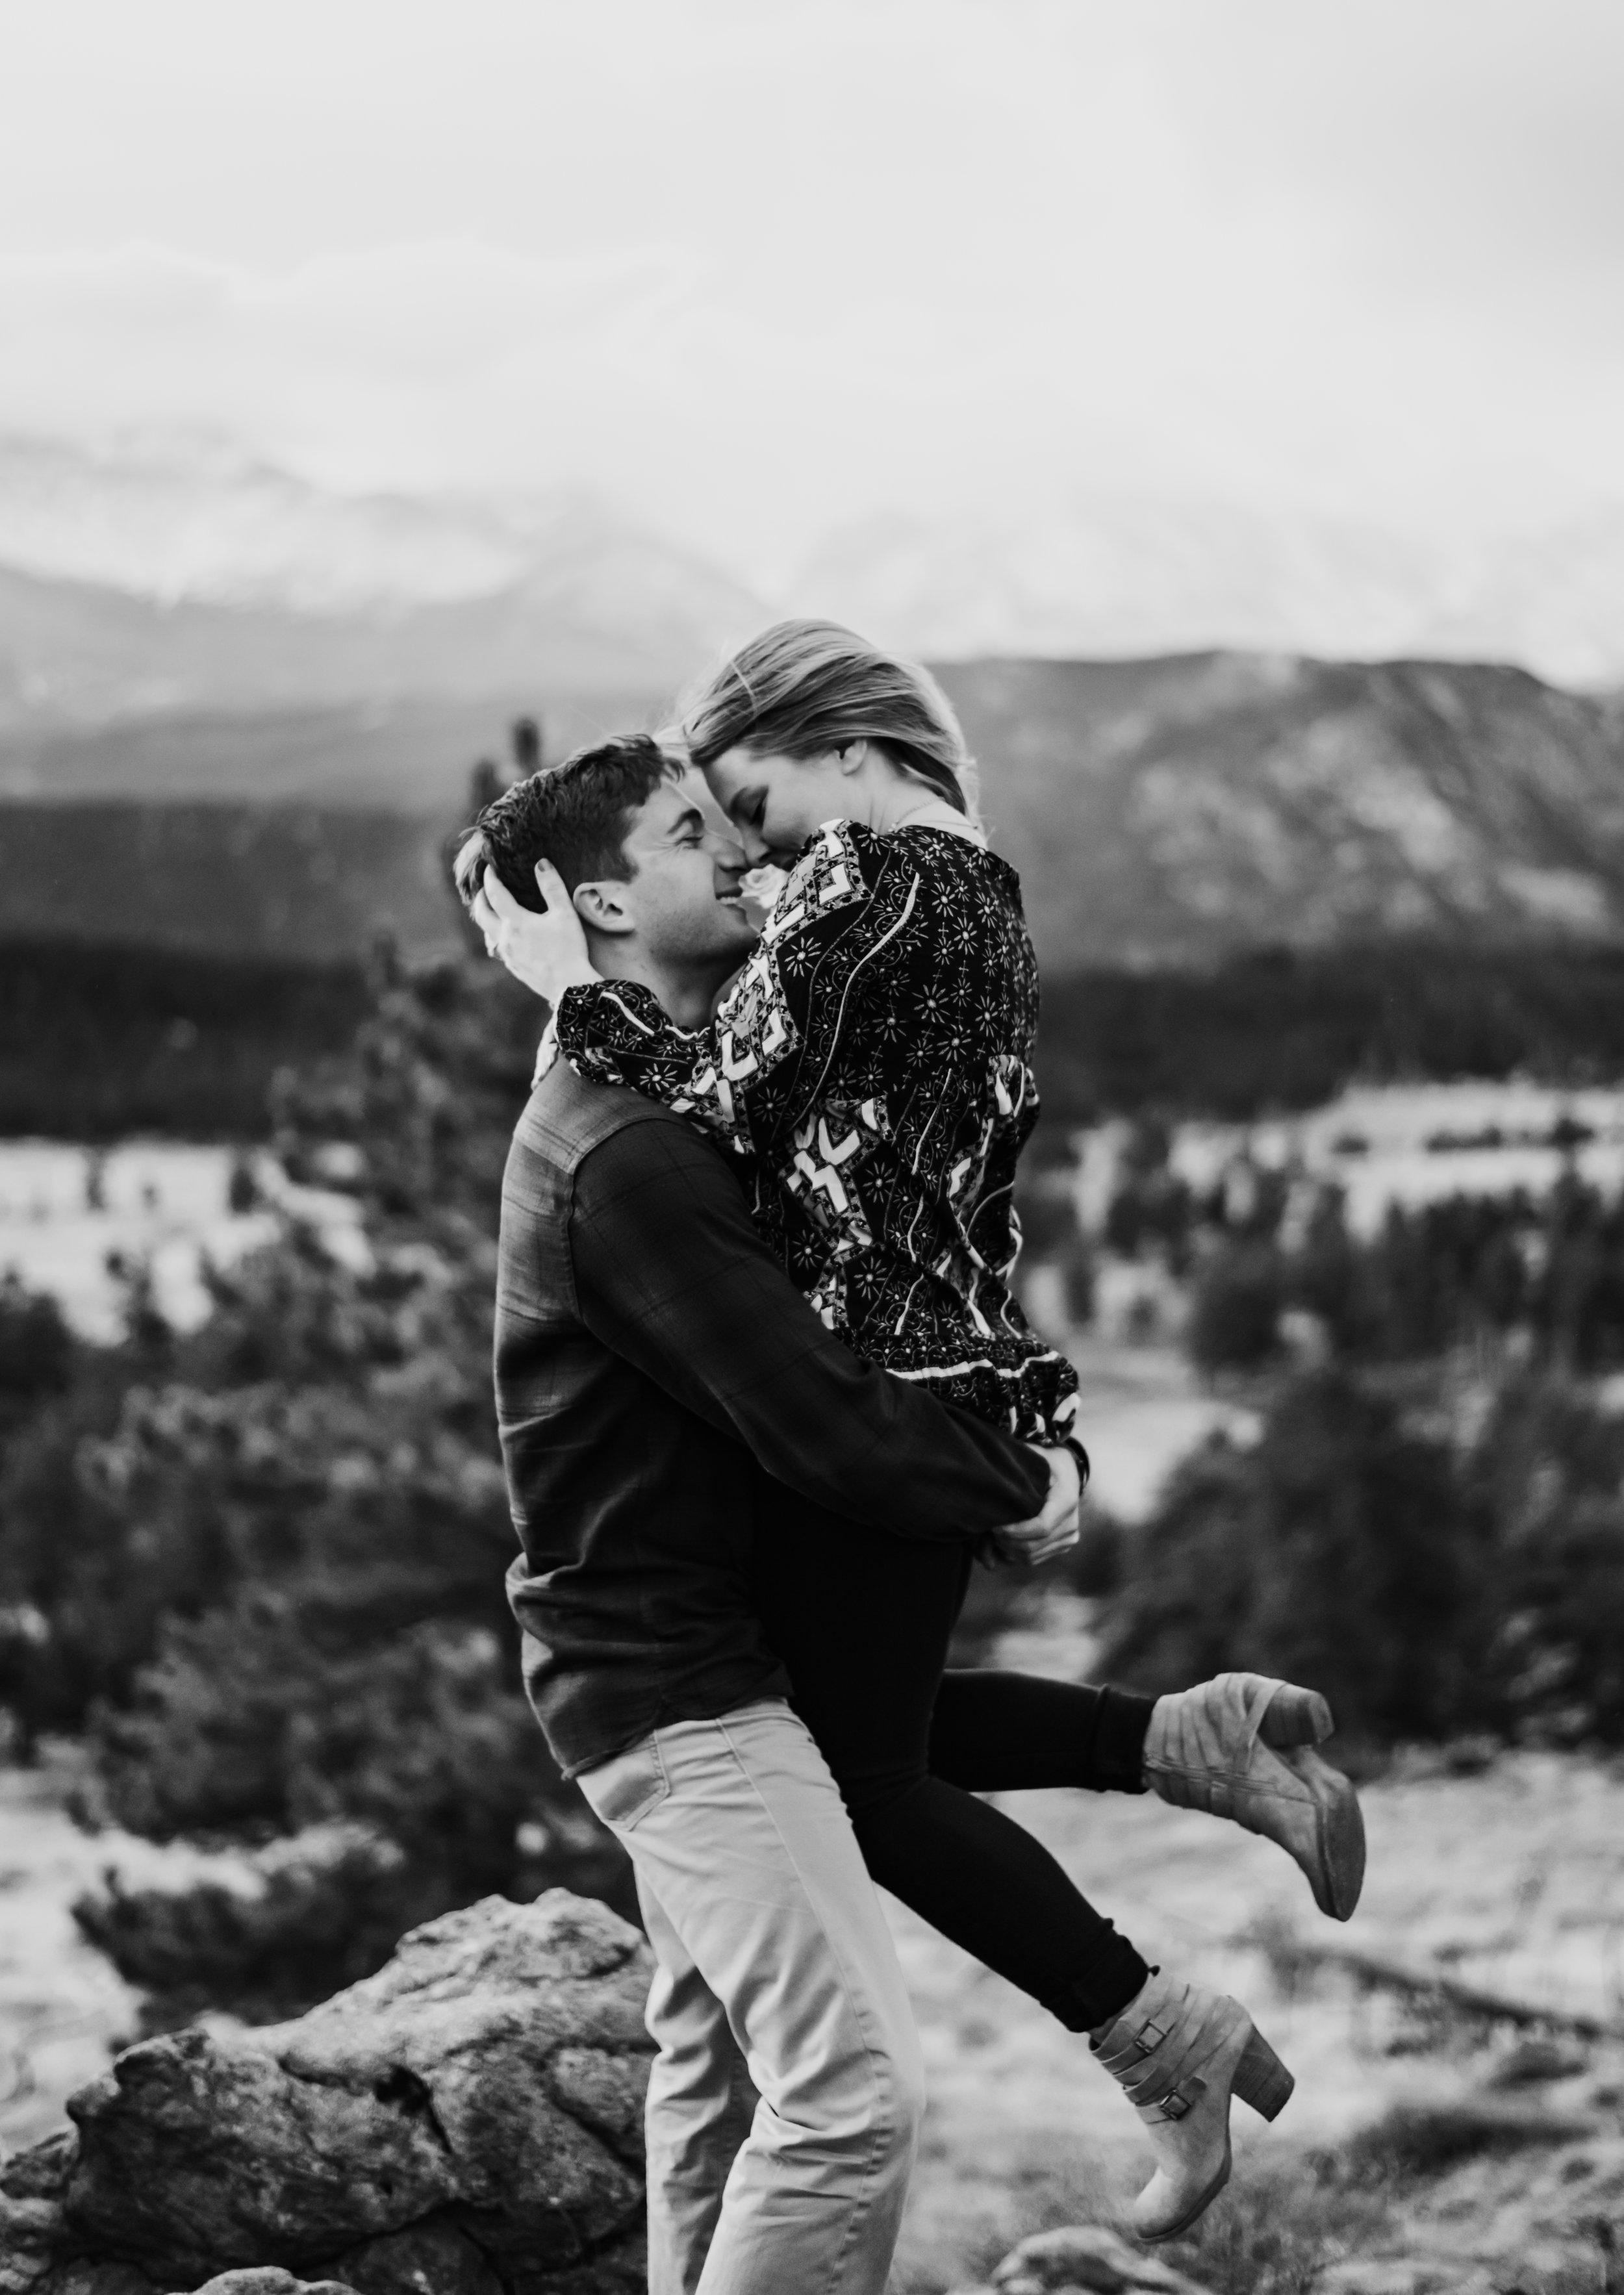 Denver, Colorado based documentary wedding photographer